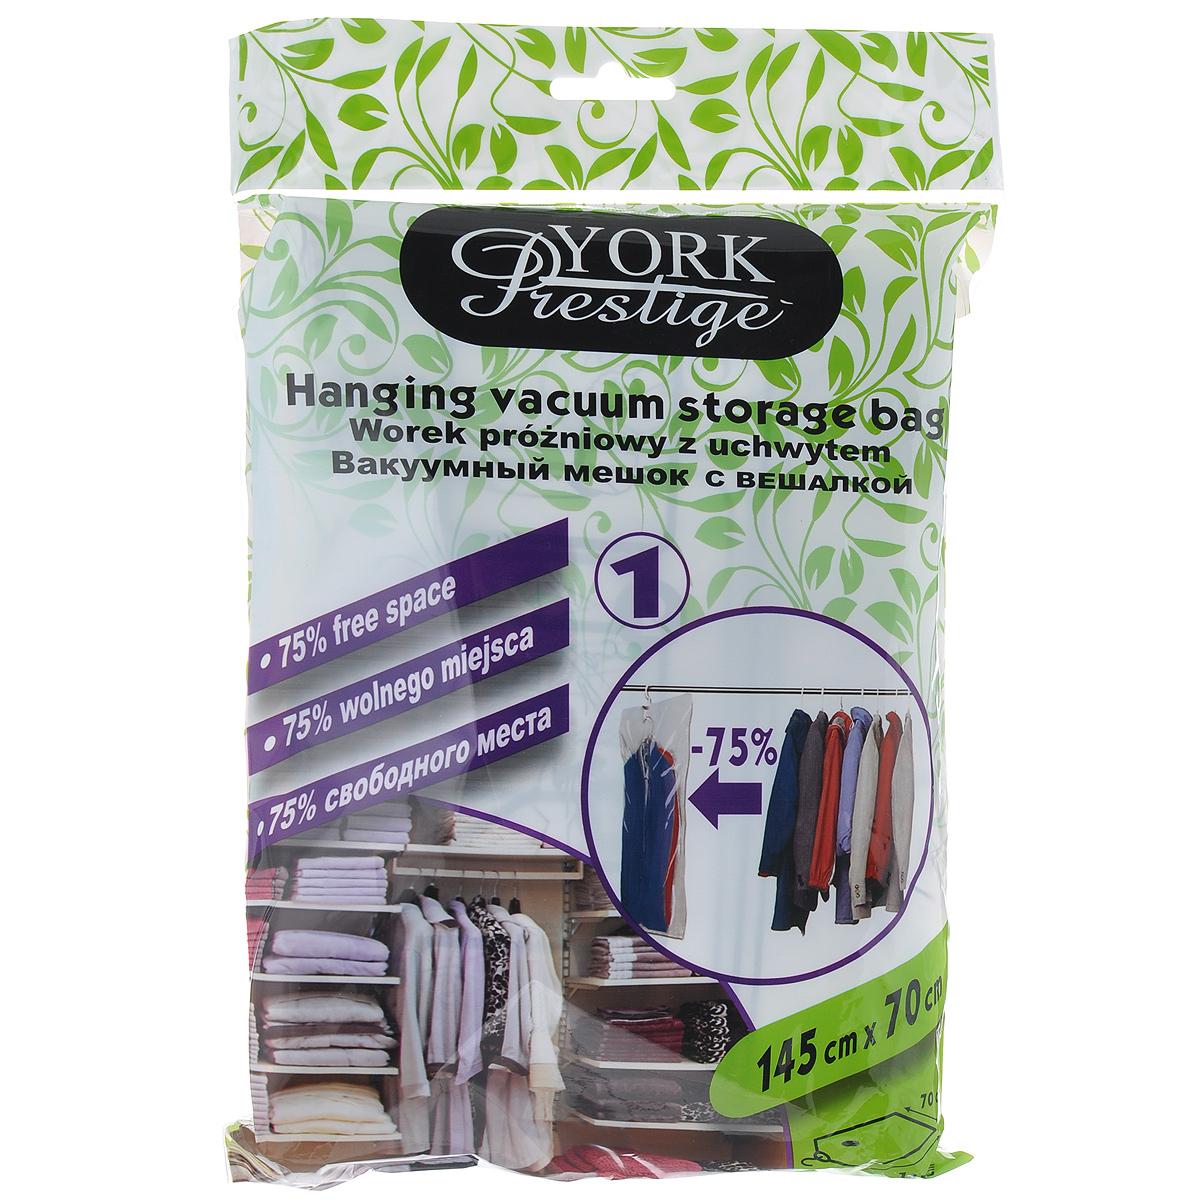 Вакуумный мешок York Prestige, с вешалкой, 145 см х 70 см9306Вакуумный мешок York Prestige позволит вам компактно хранить в шкафу куртки, плащи, пальто, пиджаки и блузки, при этом защищая их от влаги, пыли и вредных насекомых. Встроенная пластиковая вешалка помогает разместить сжатые вещи в шкафу, не складывая их и не занимая места на полках. После того, как вы поместите вещи в пакет, необходимо с помощью обычного пылесоса через специальный клапан откачать воздух - и ваши вещи теперь в надежных руках. Вакуумный пакет удобен как для компактного хранения, так и для перевозки вещей, в том числе в командировках и путешествиях.